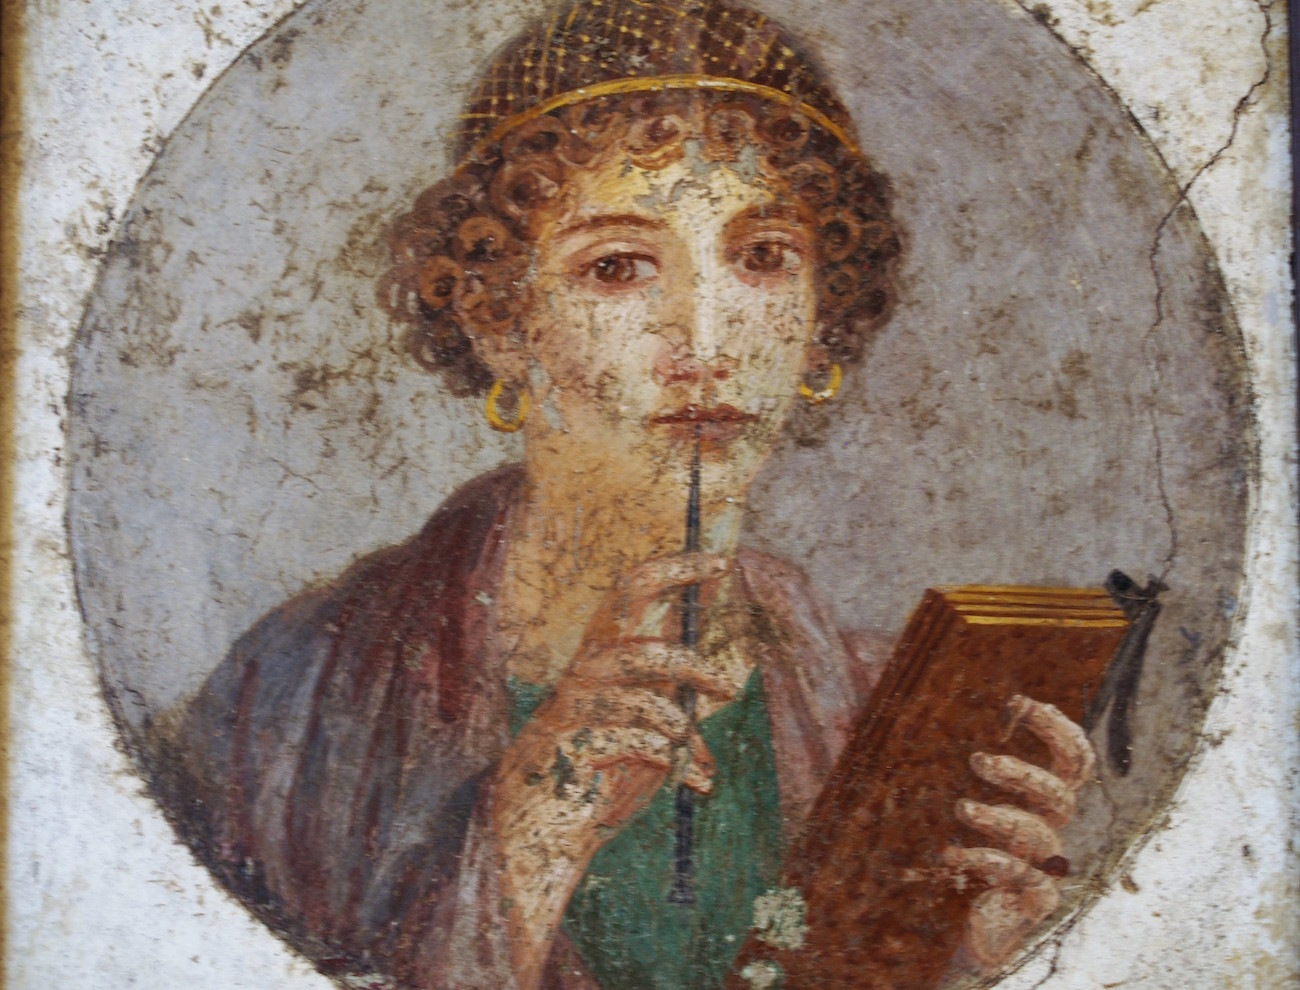 Nainen ja kirjoitusvälineet